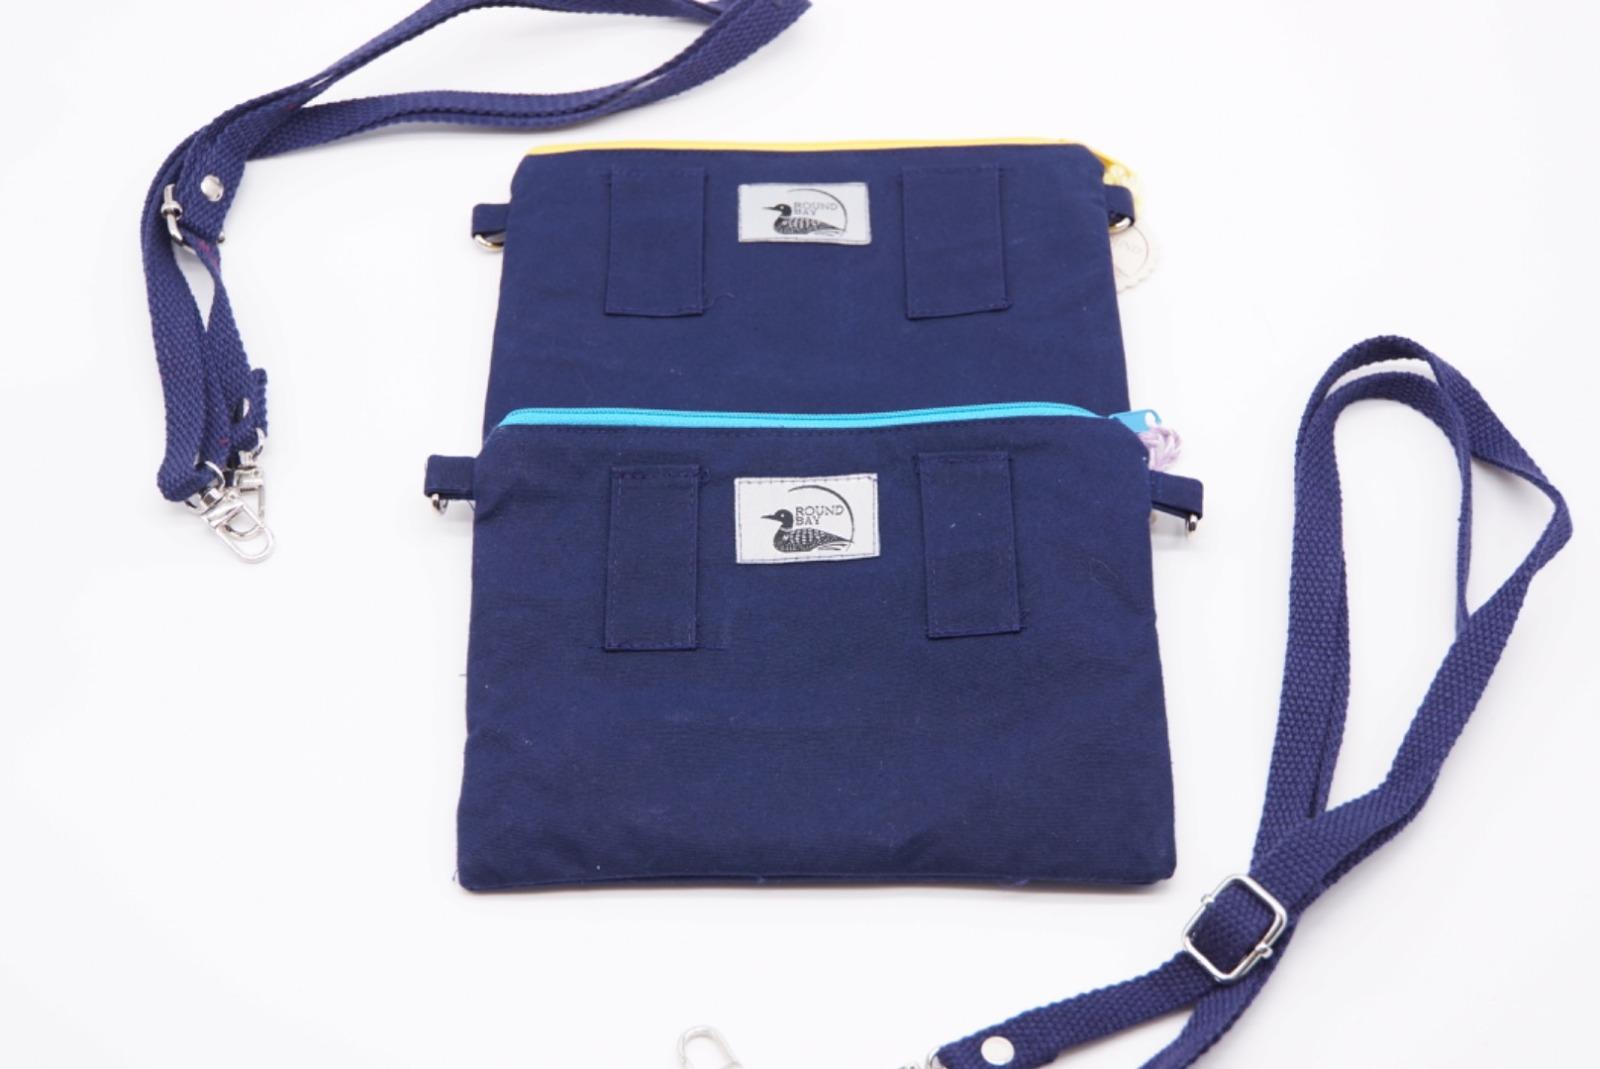 Sidebag SWALLOW 2